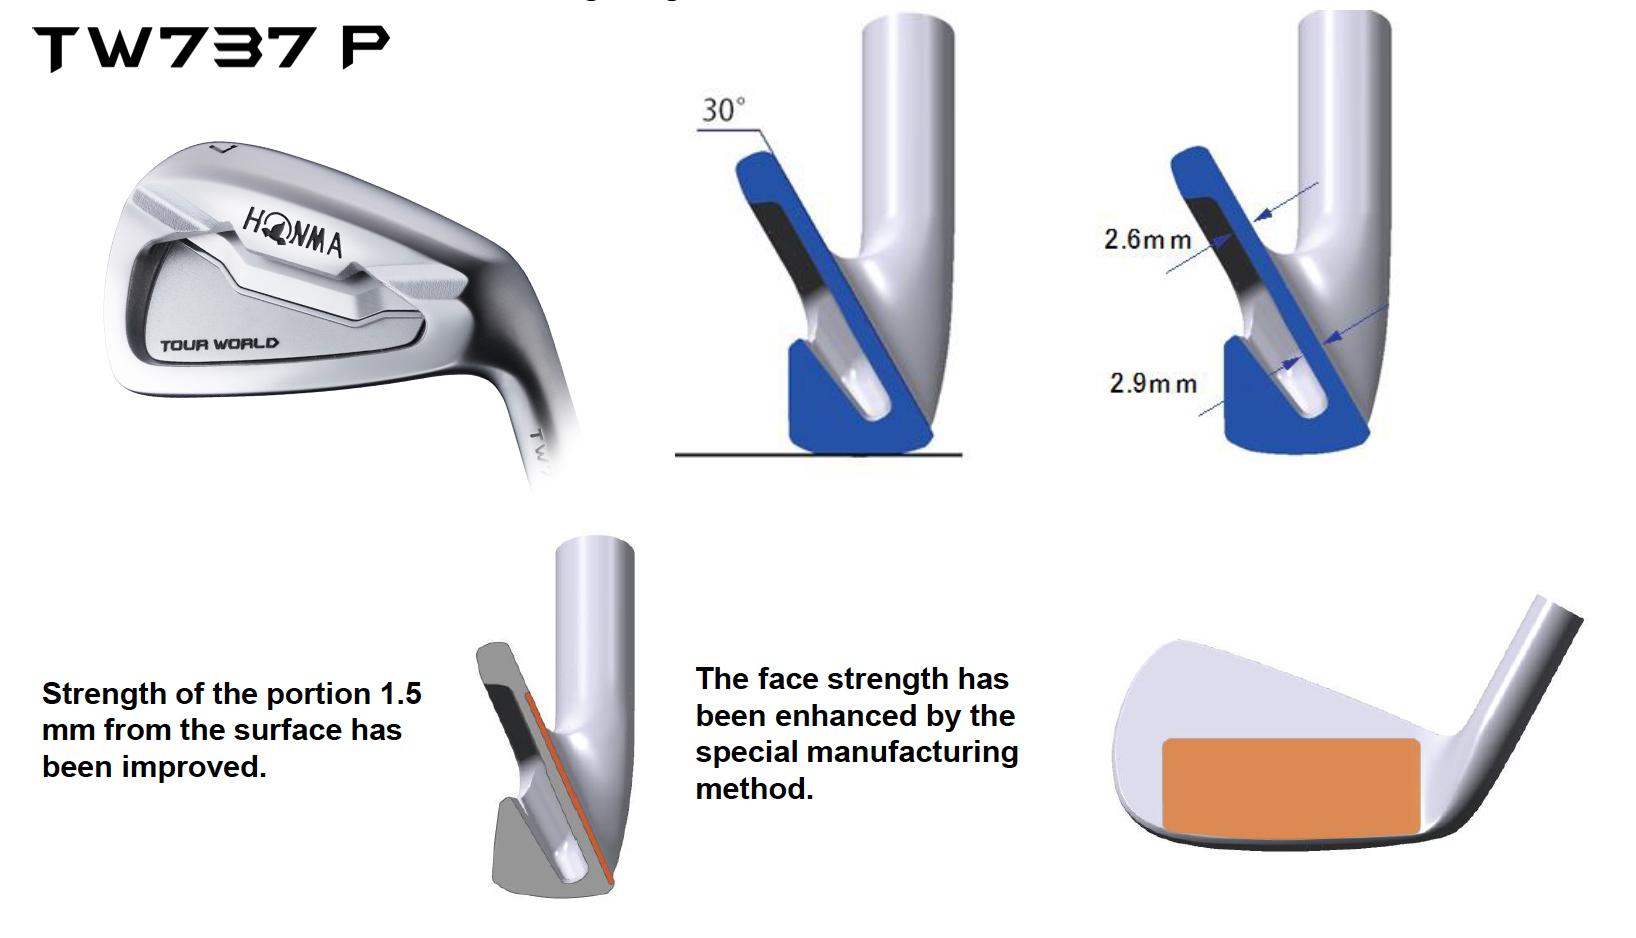 TW737P-Irons